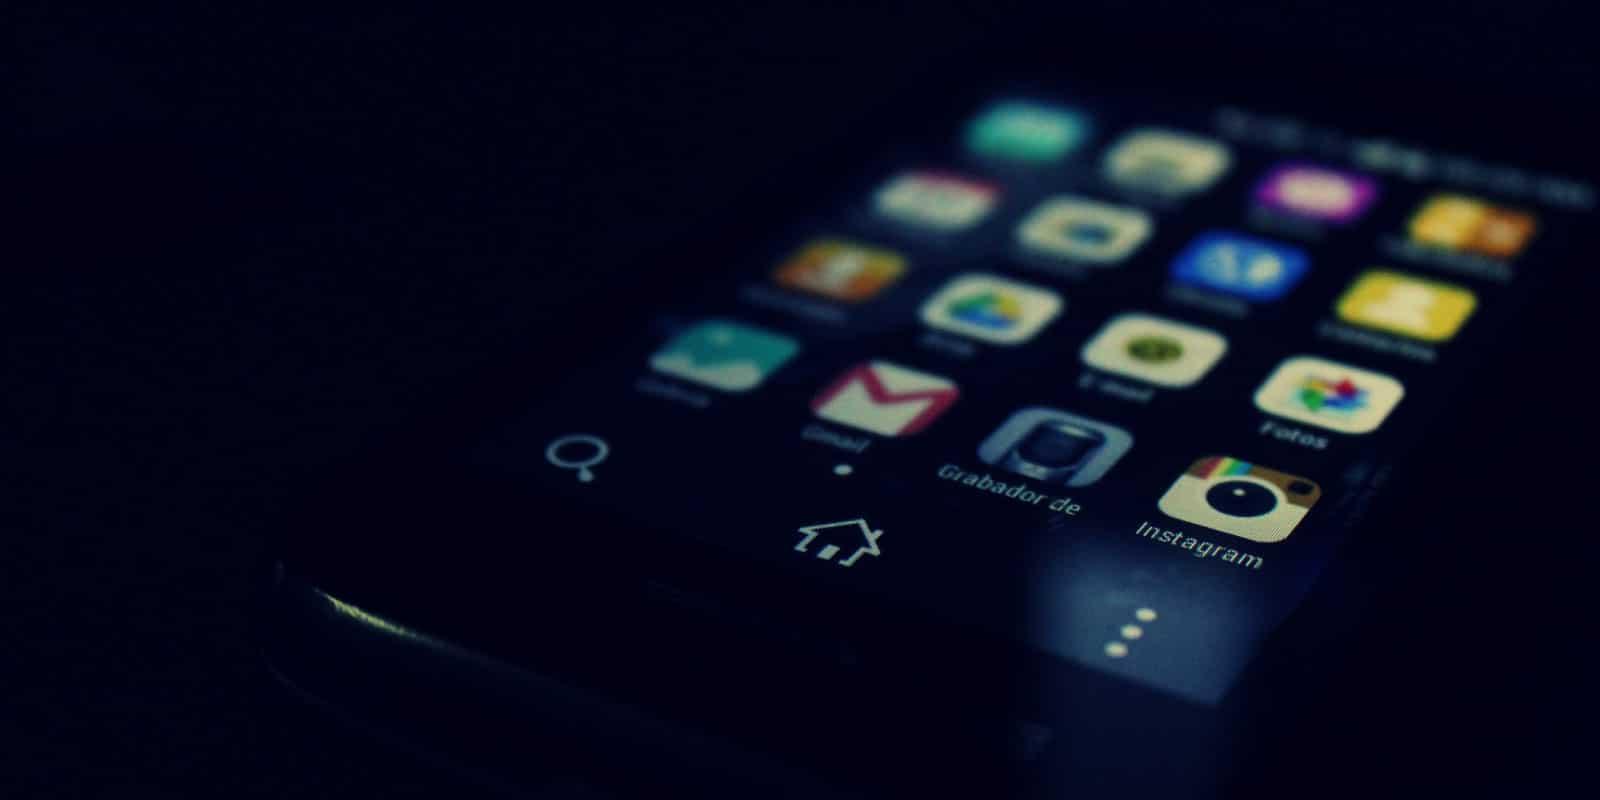 [CSS] Androidでタップ時、オレンジの枠が消えない場合